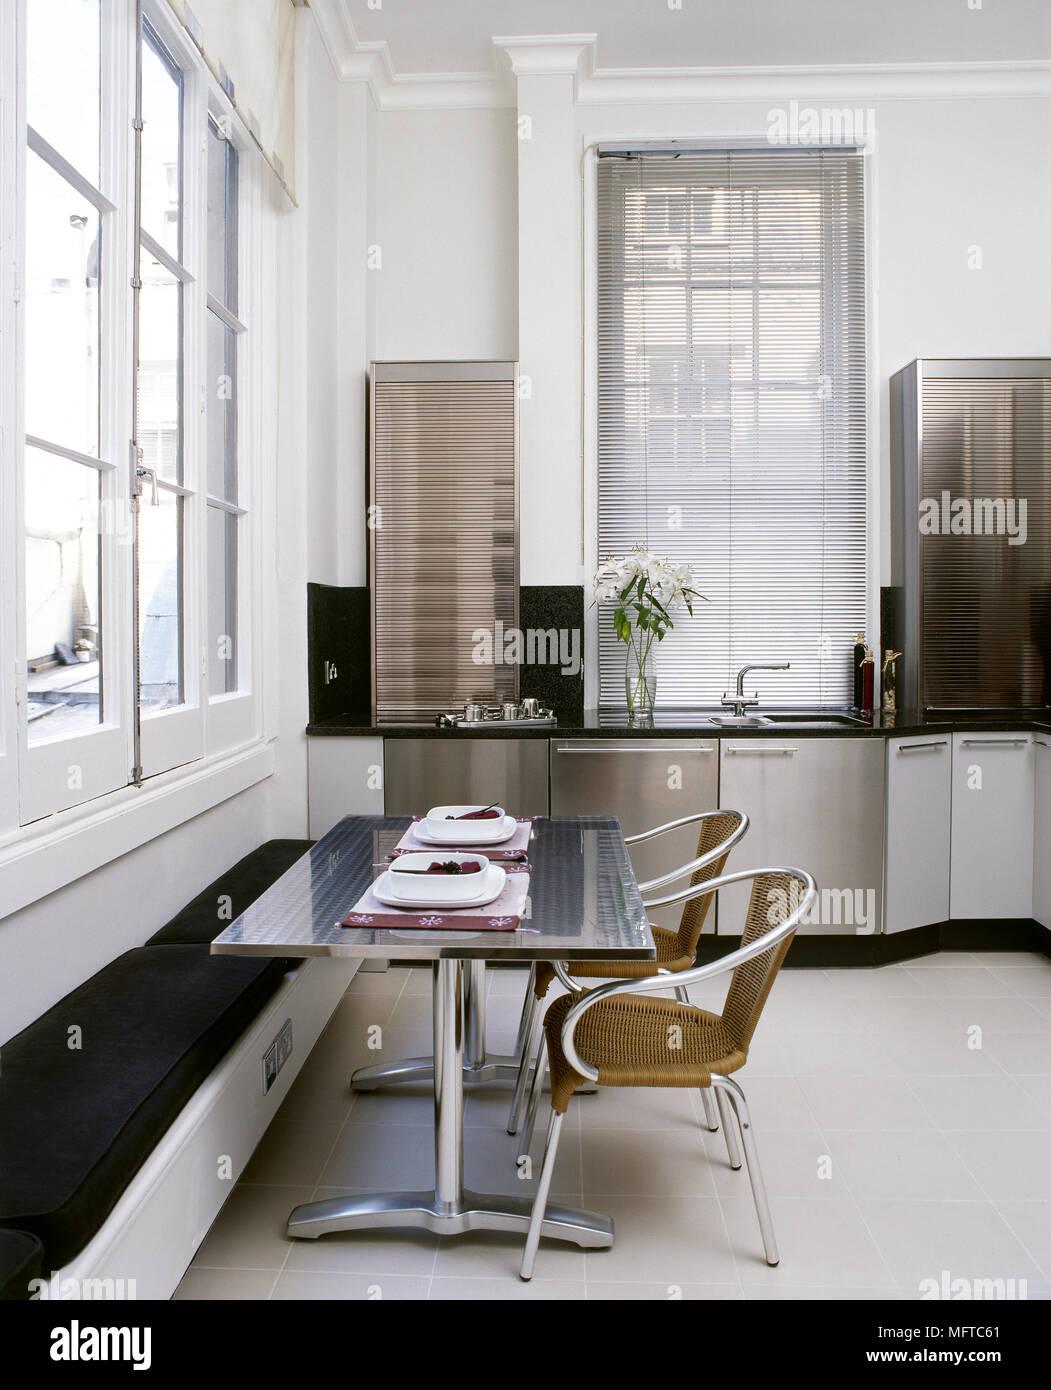 Moderno e cucina abitabile con acciaio inox armadi tavolo con panca salotto con pavimento in - Panca angolare cucina ...